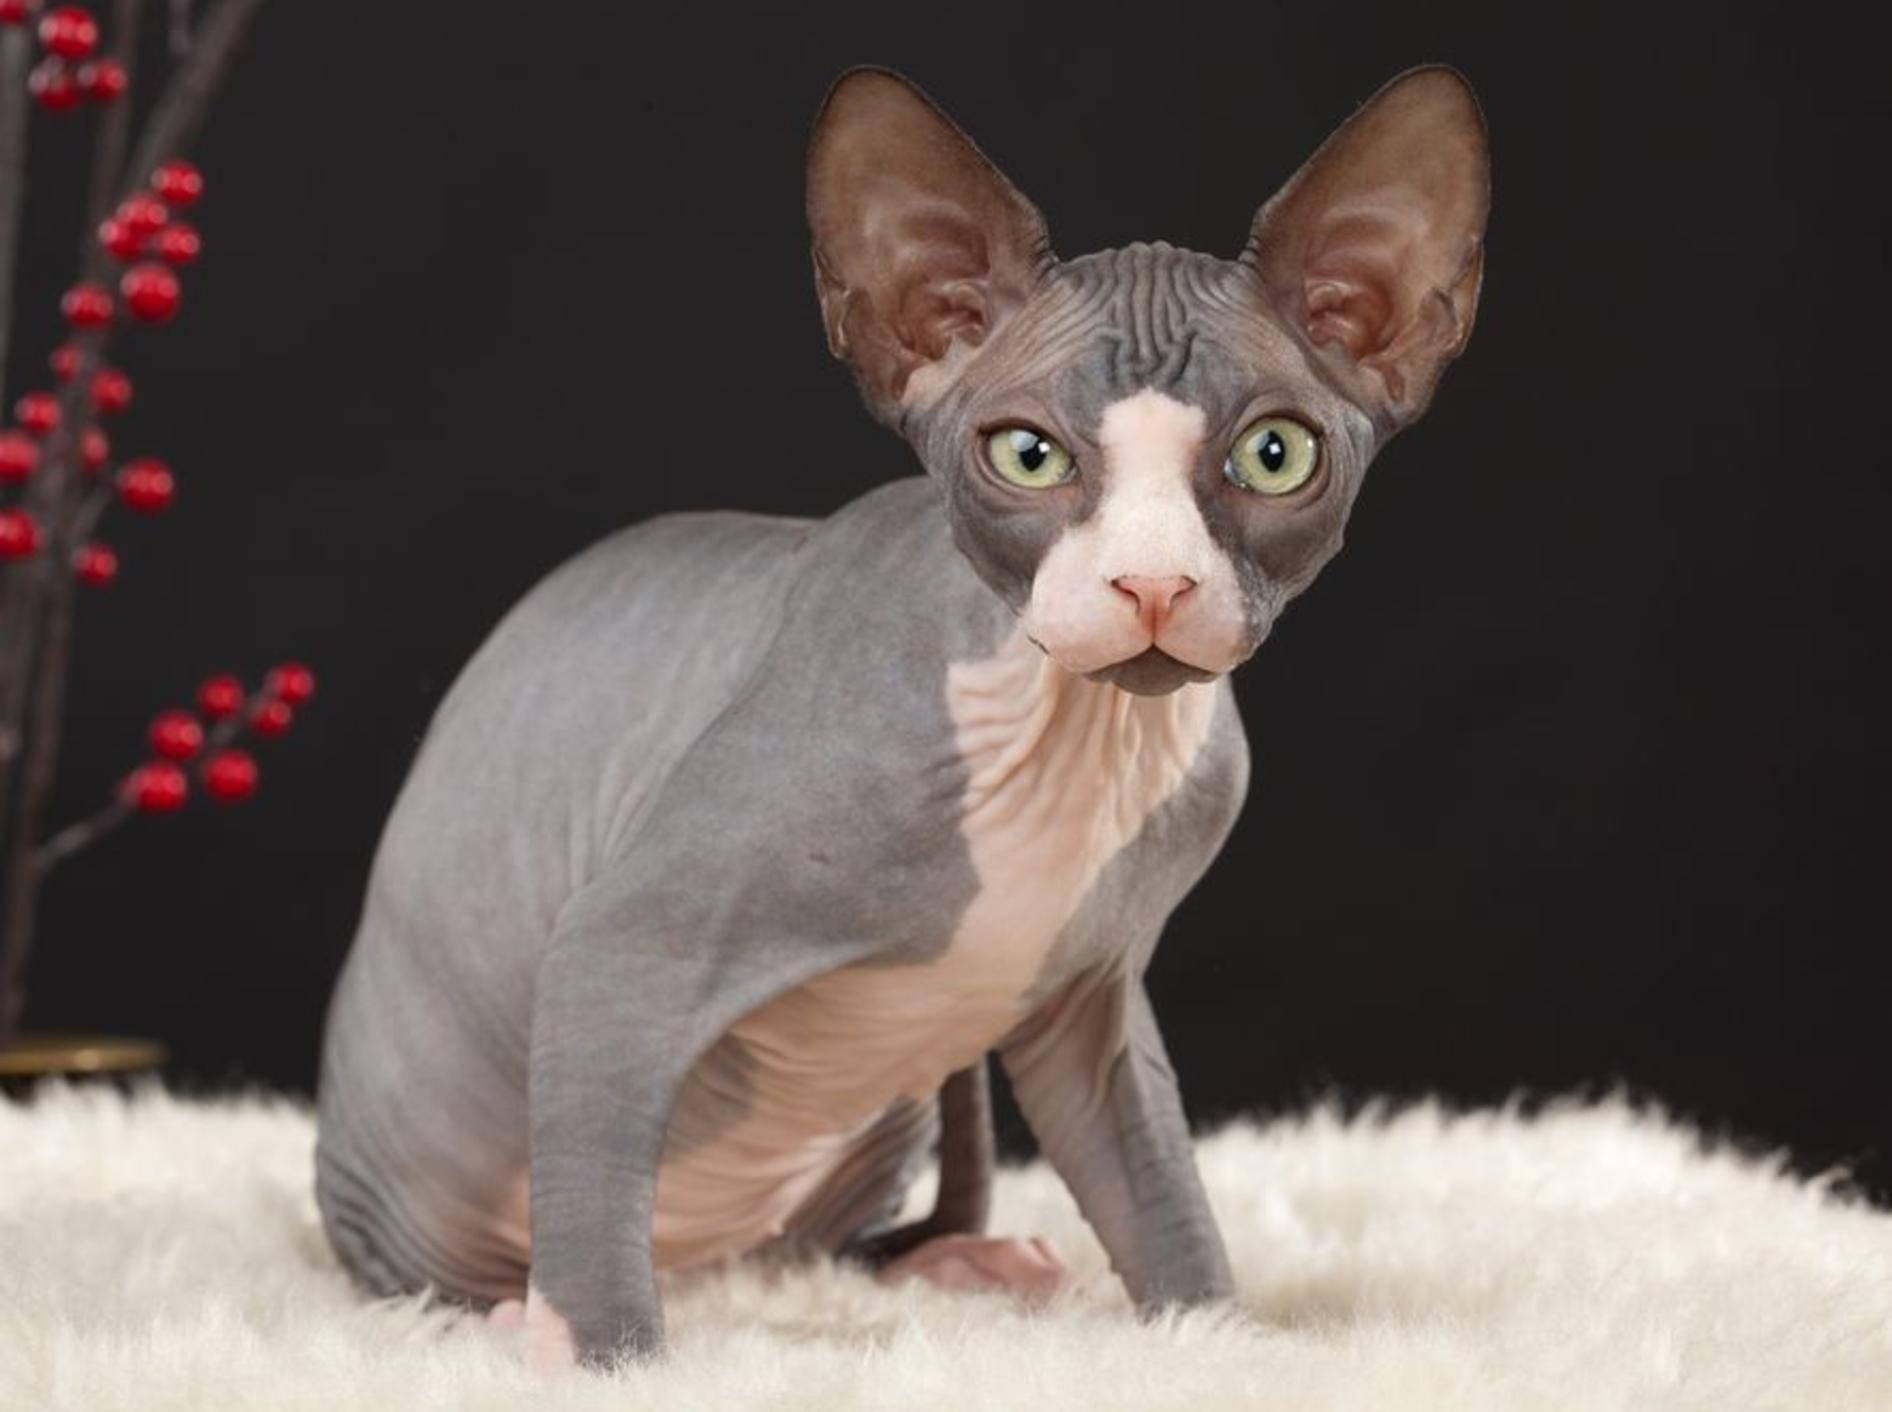 Die exotische Sphynx-Katze ist temperaturempfindlich und benötigt spezielle Pflege. - Bild: Shutterstock / Birute Vijeikiene